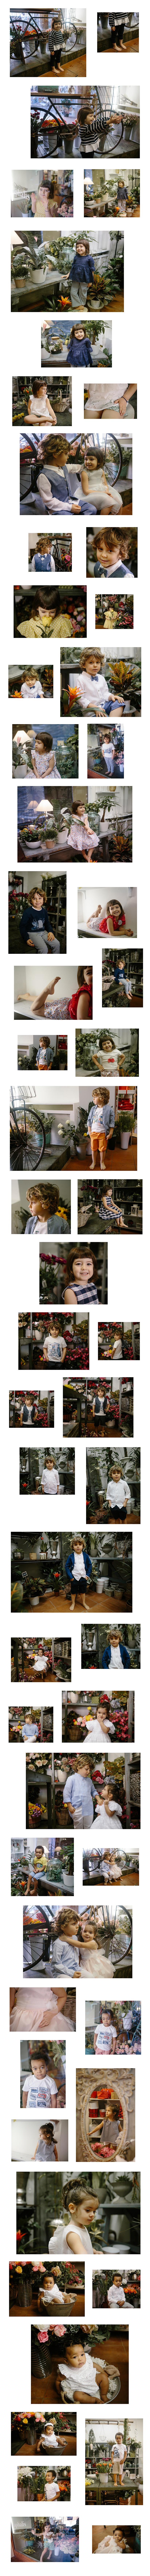 Composizione-foto-sito_2